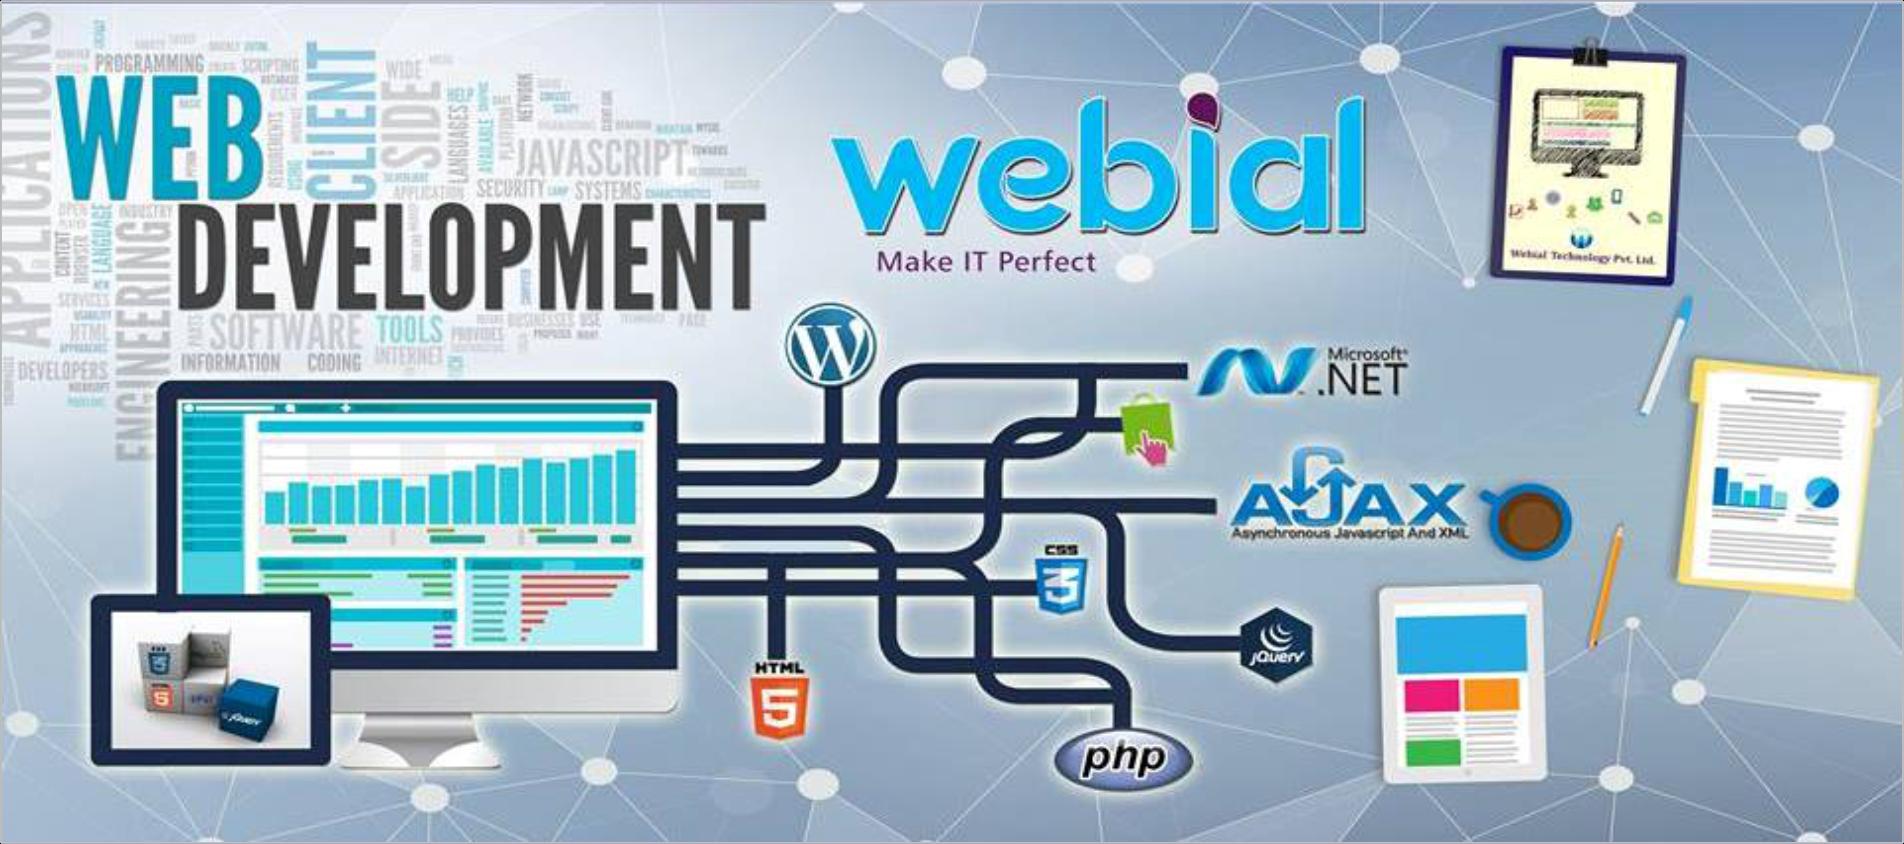 webial slider 1